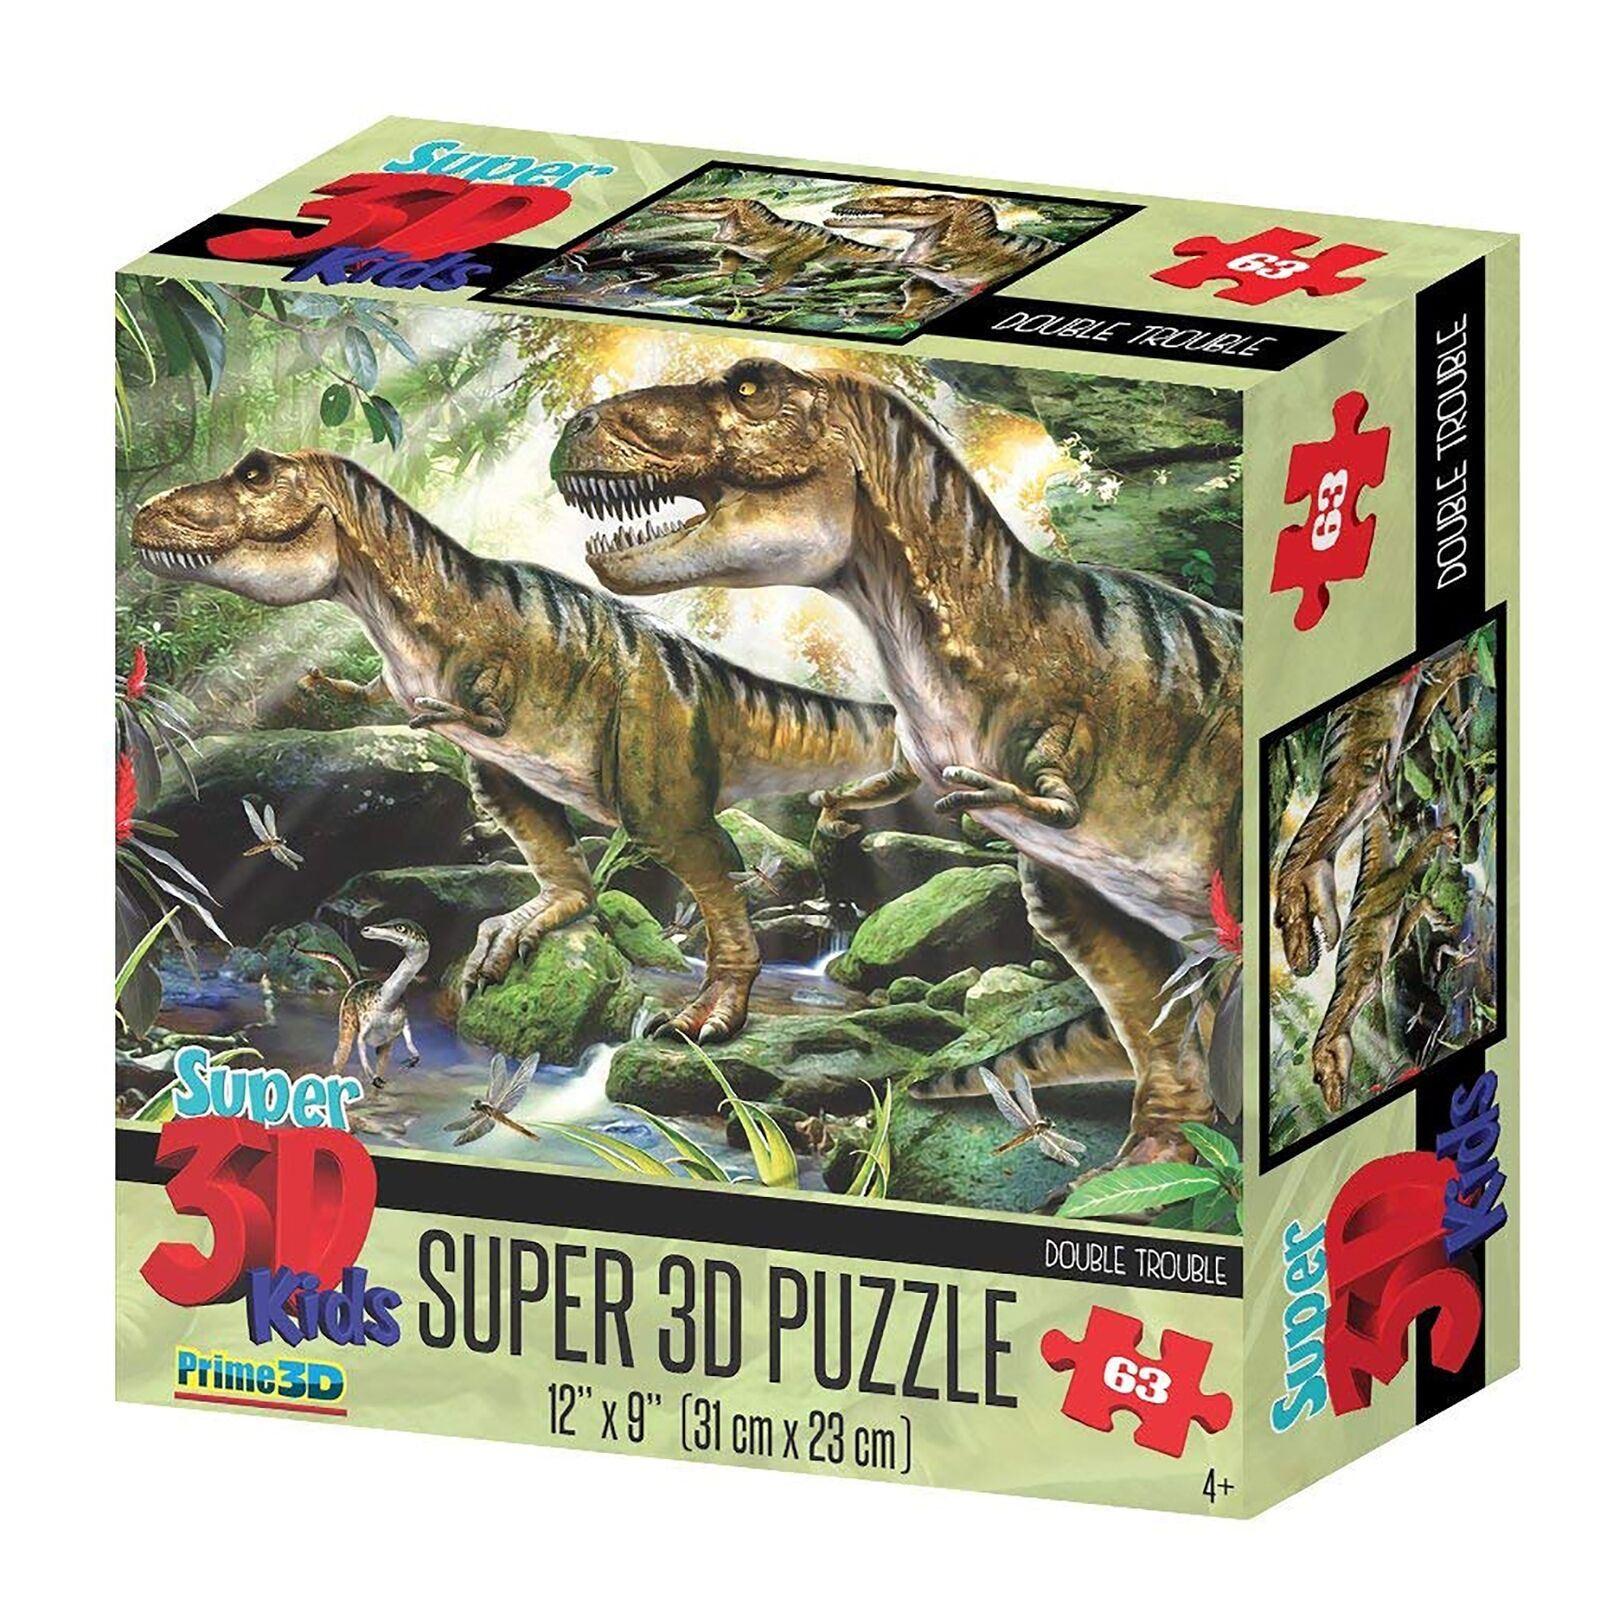 Détails Sur Prime 3D Puzzles Lenticulaire Image Animaux 63 Pièces - Double  Trouble Dino avec Puzzle En Ligne Facile